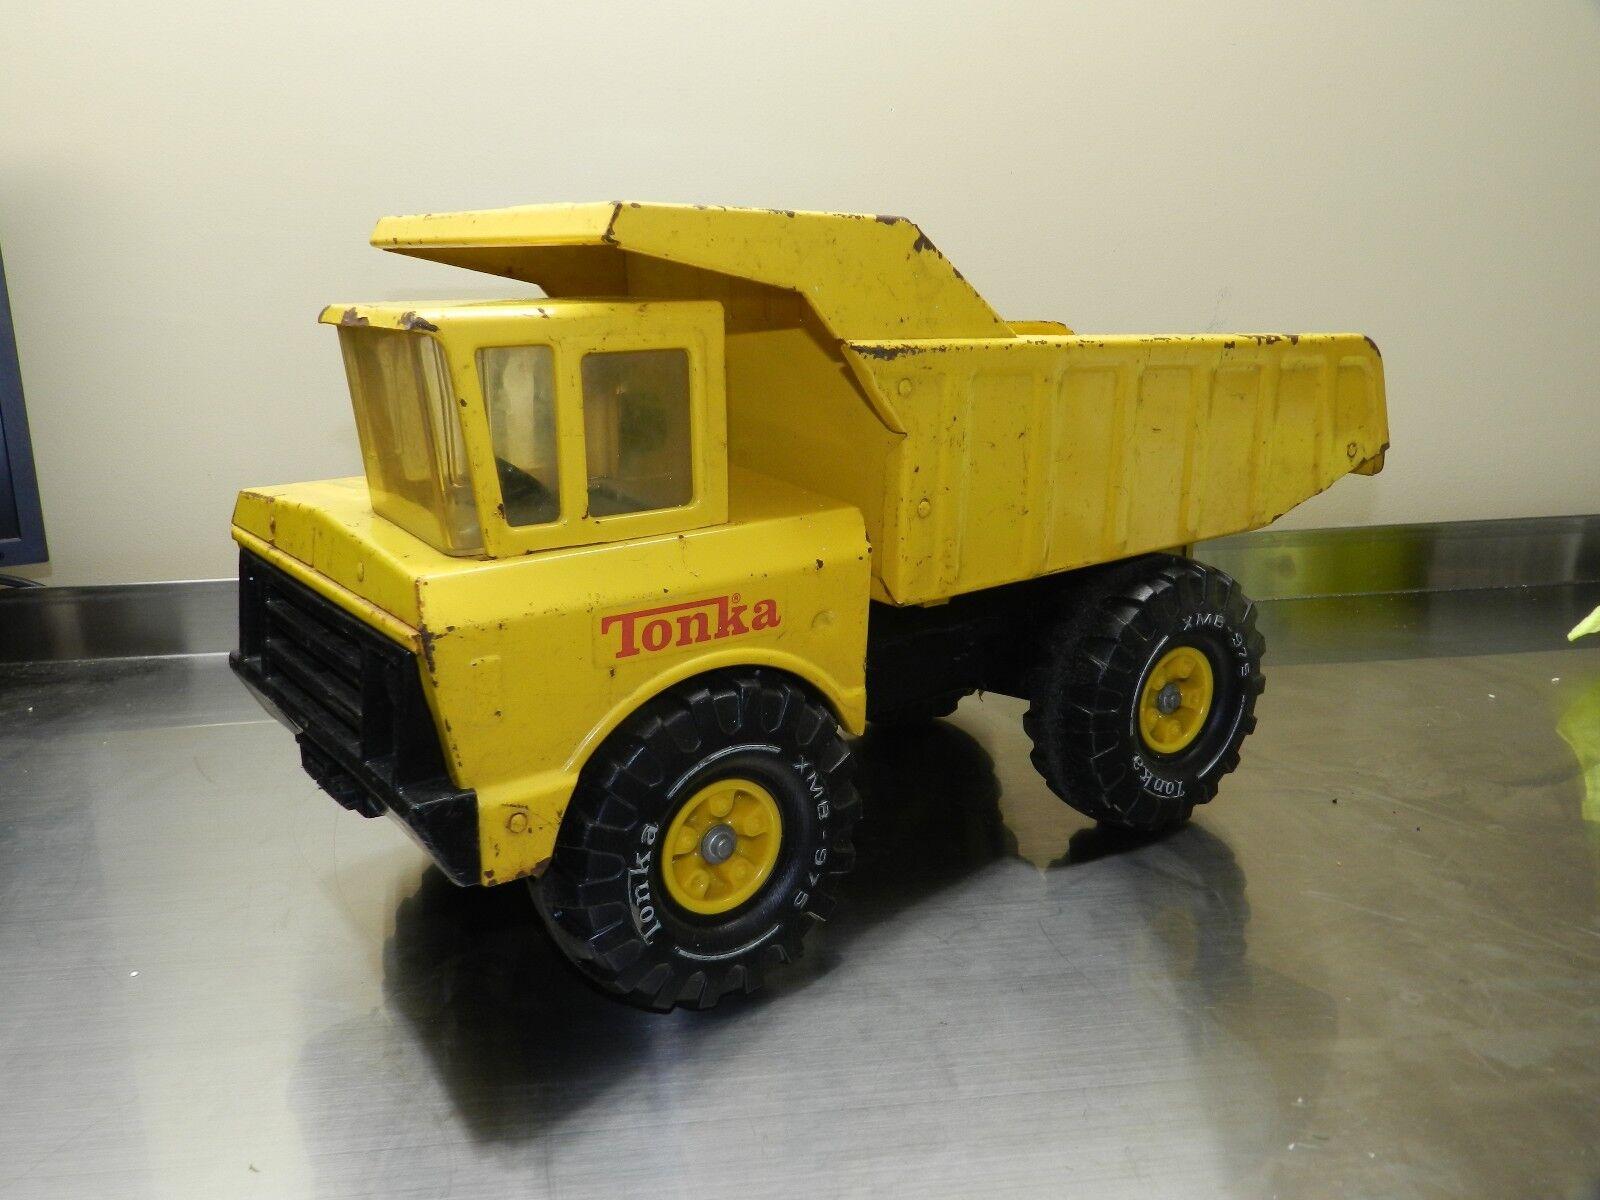 Vintage Mighty Tonka Camión giallo XMB-975 de construcción de acero prensado